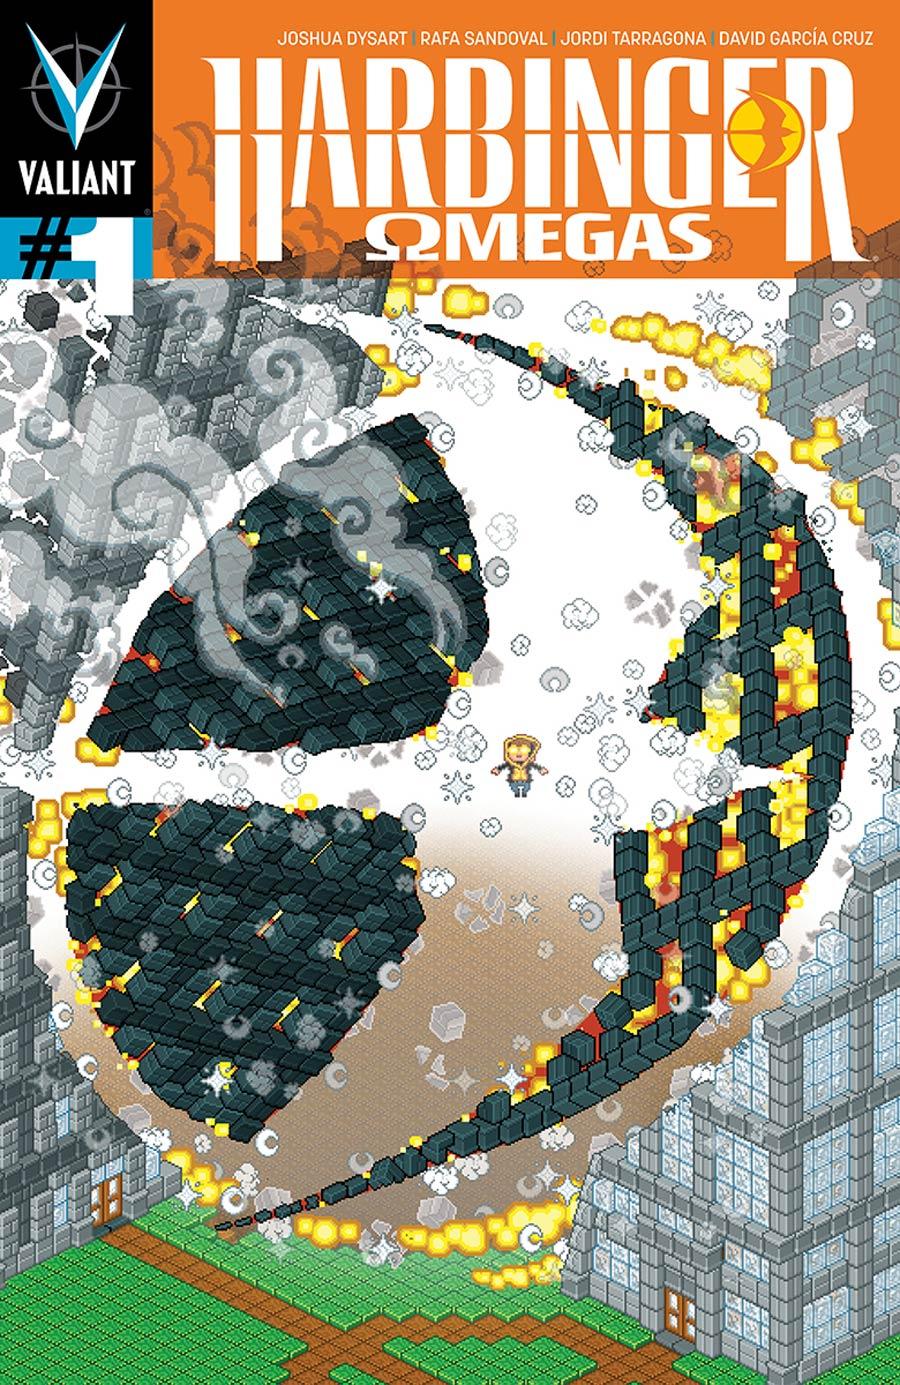 Harbinger Omegas #1 Cover B Variant Donovan Santiago ValiantCraft Cover